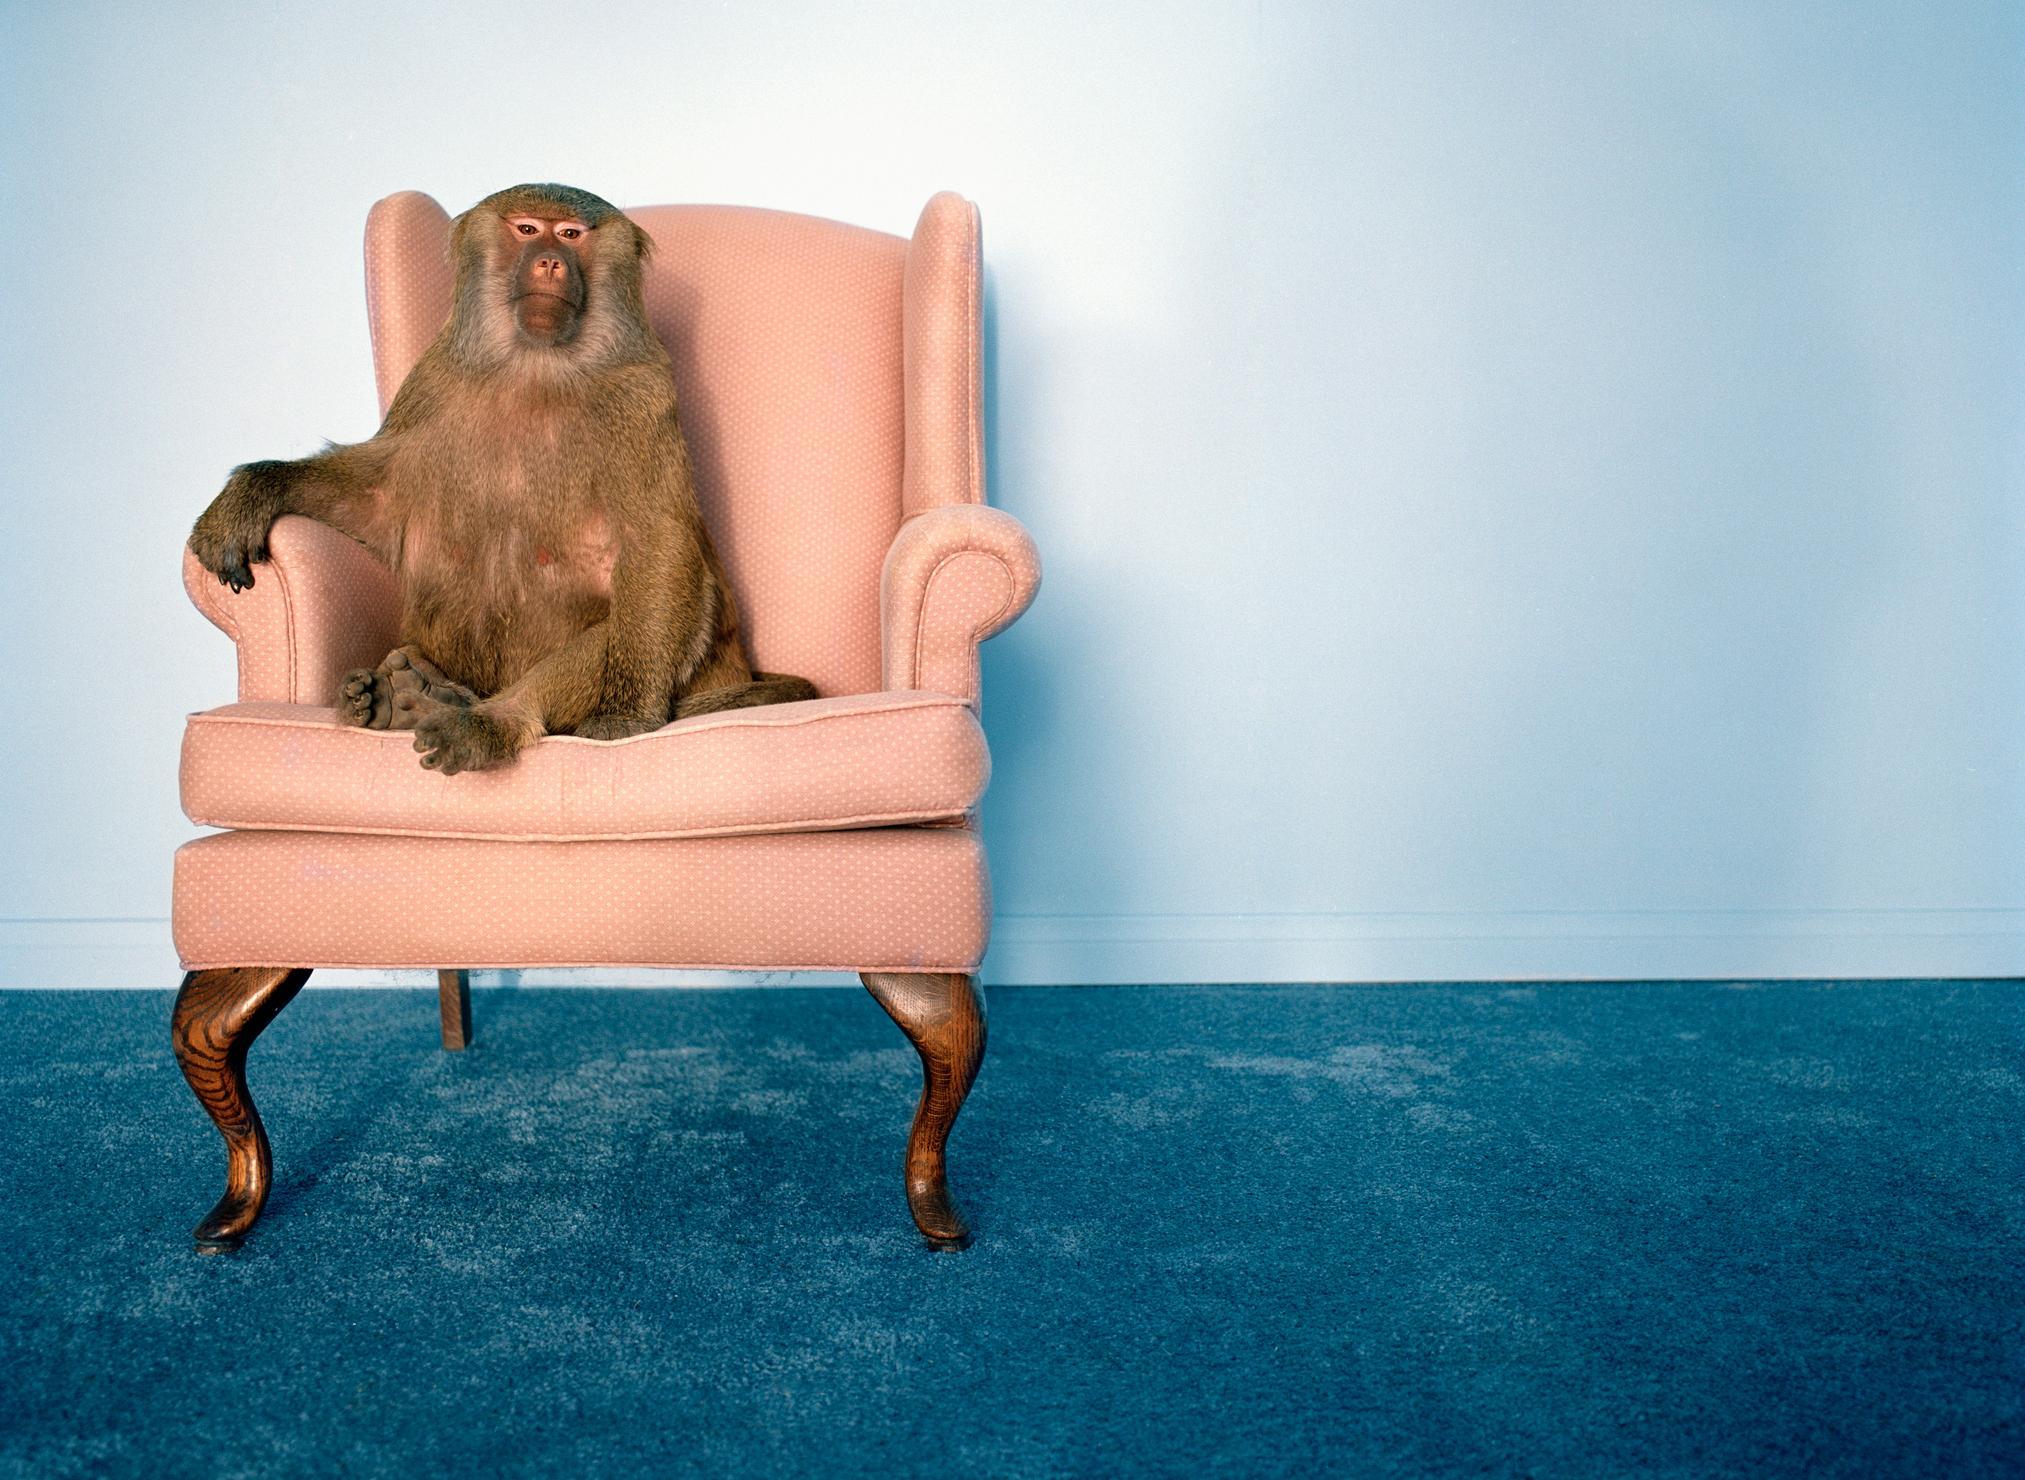 Хотите сфотографироваться с обезьянкой? Фото © Getty Images